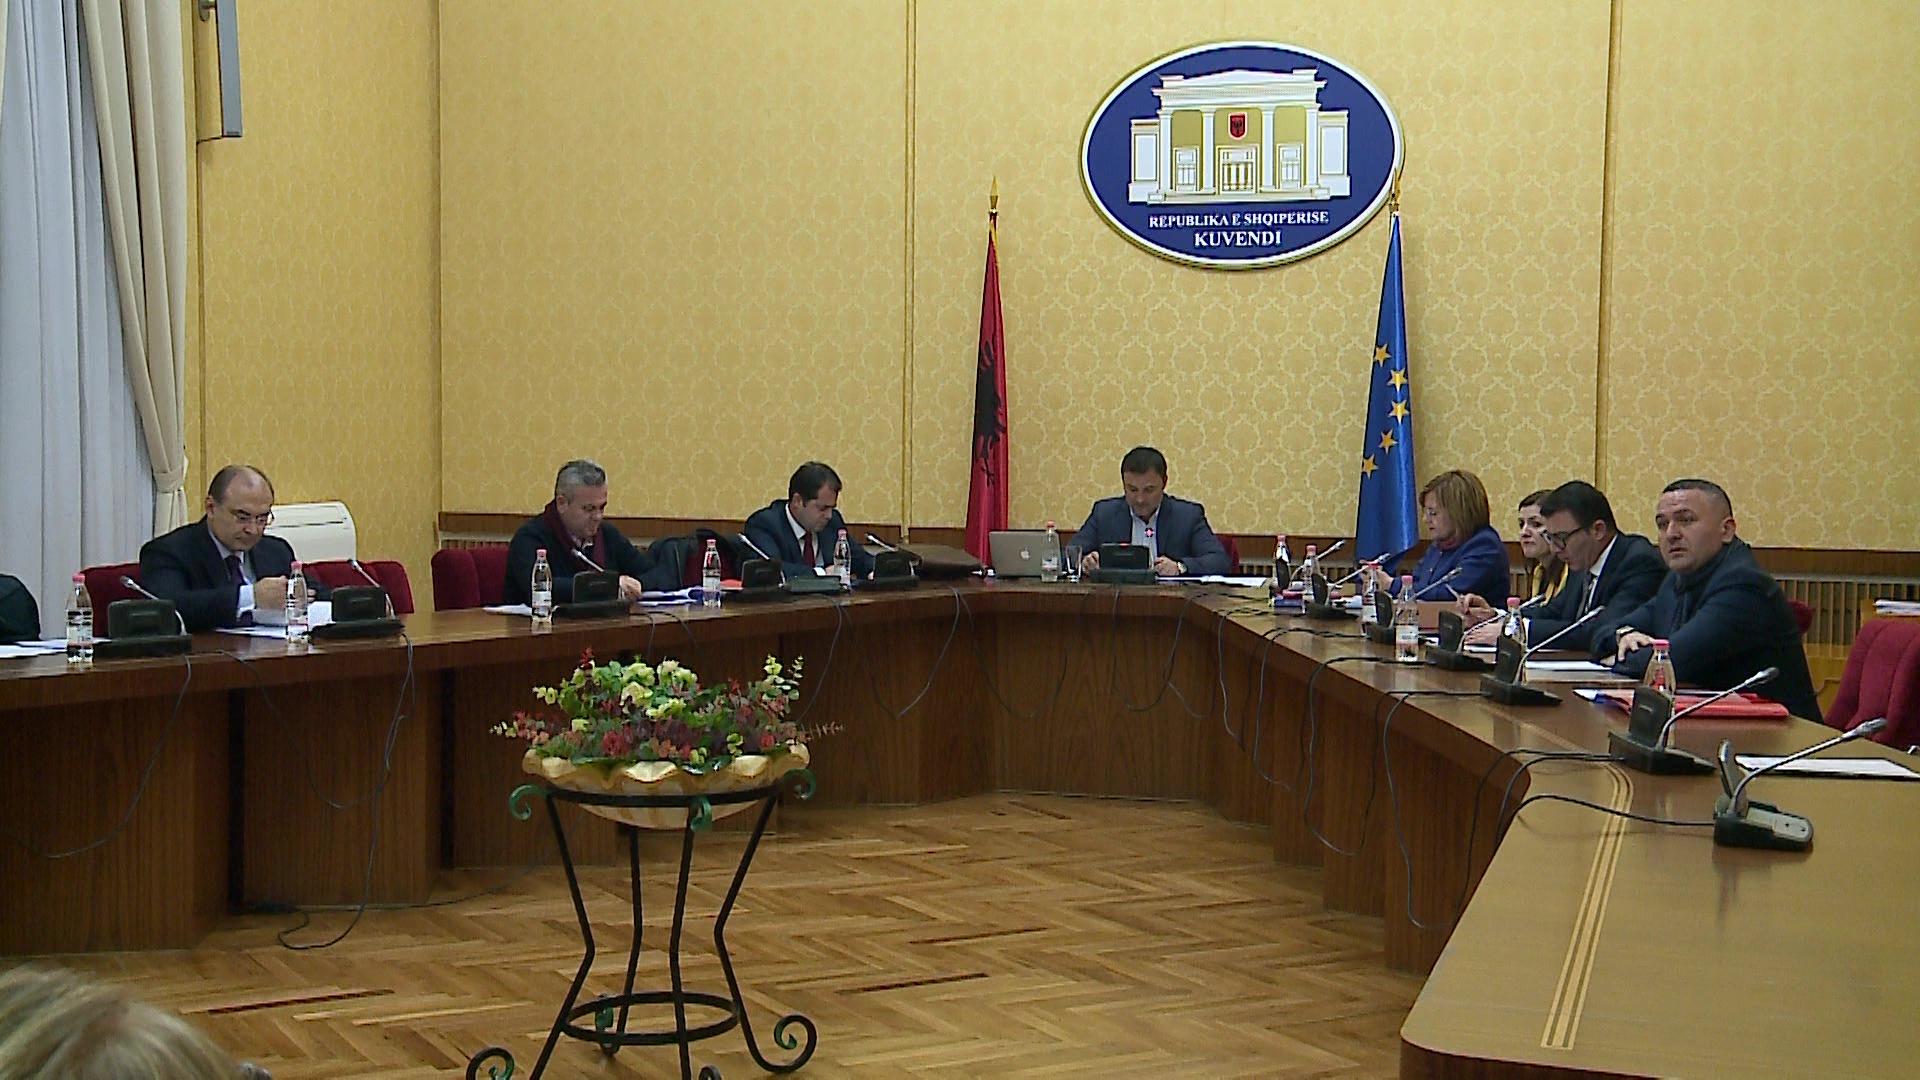 Këshilli i legjislacionit, arenë debatesh politike